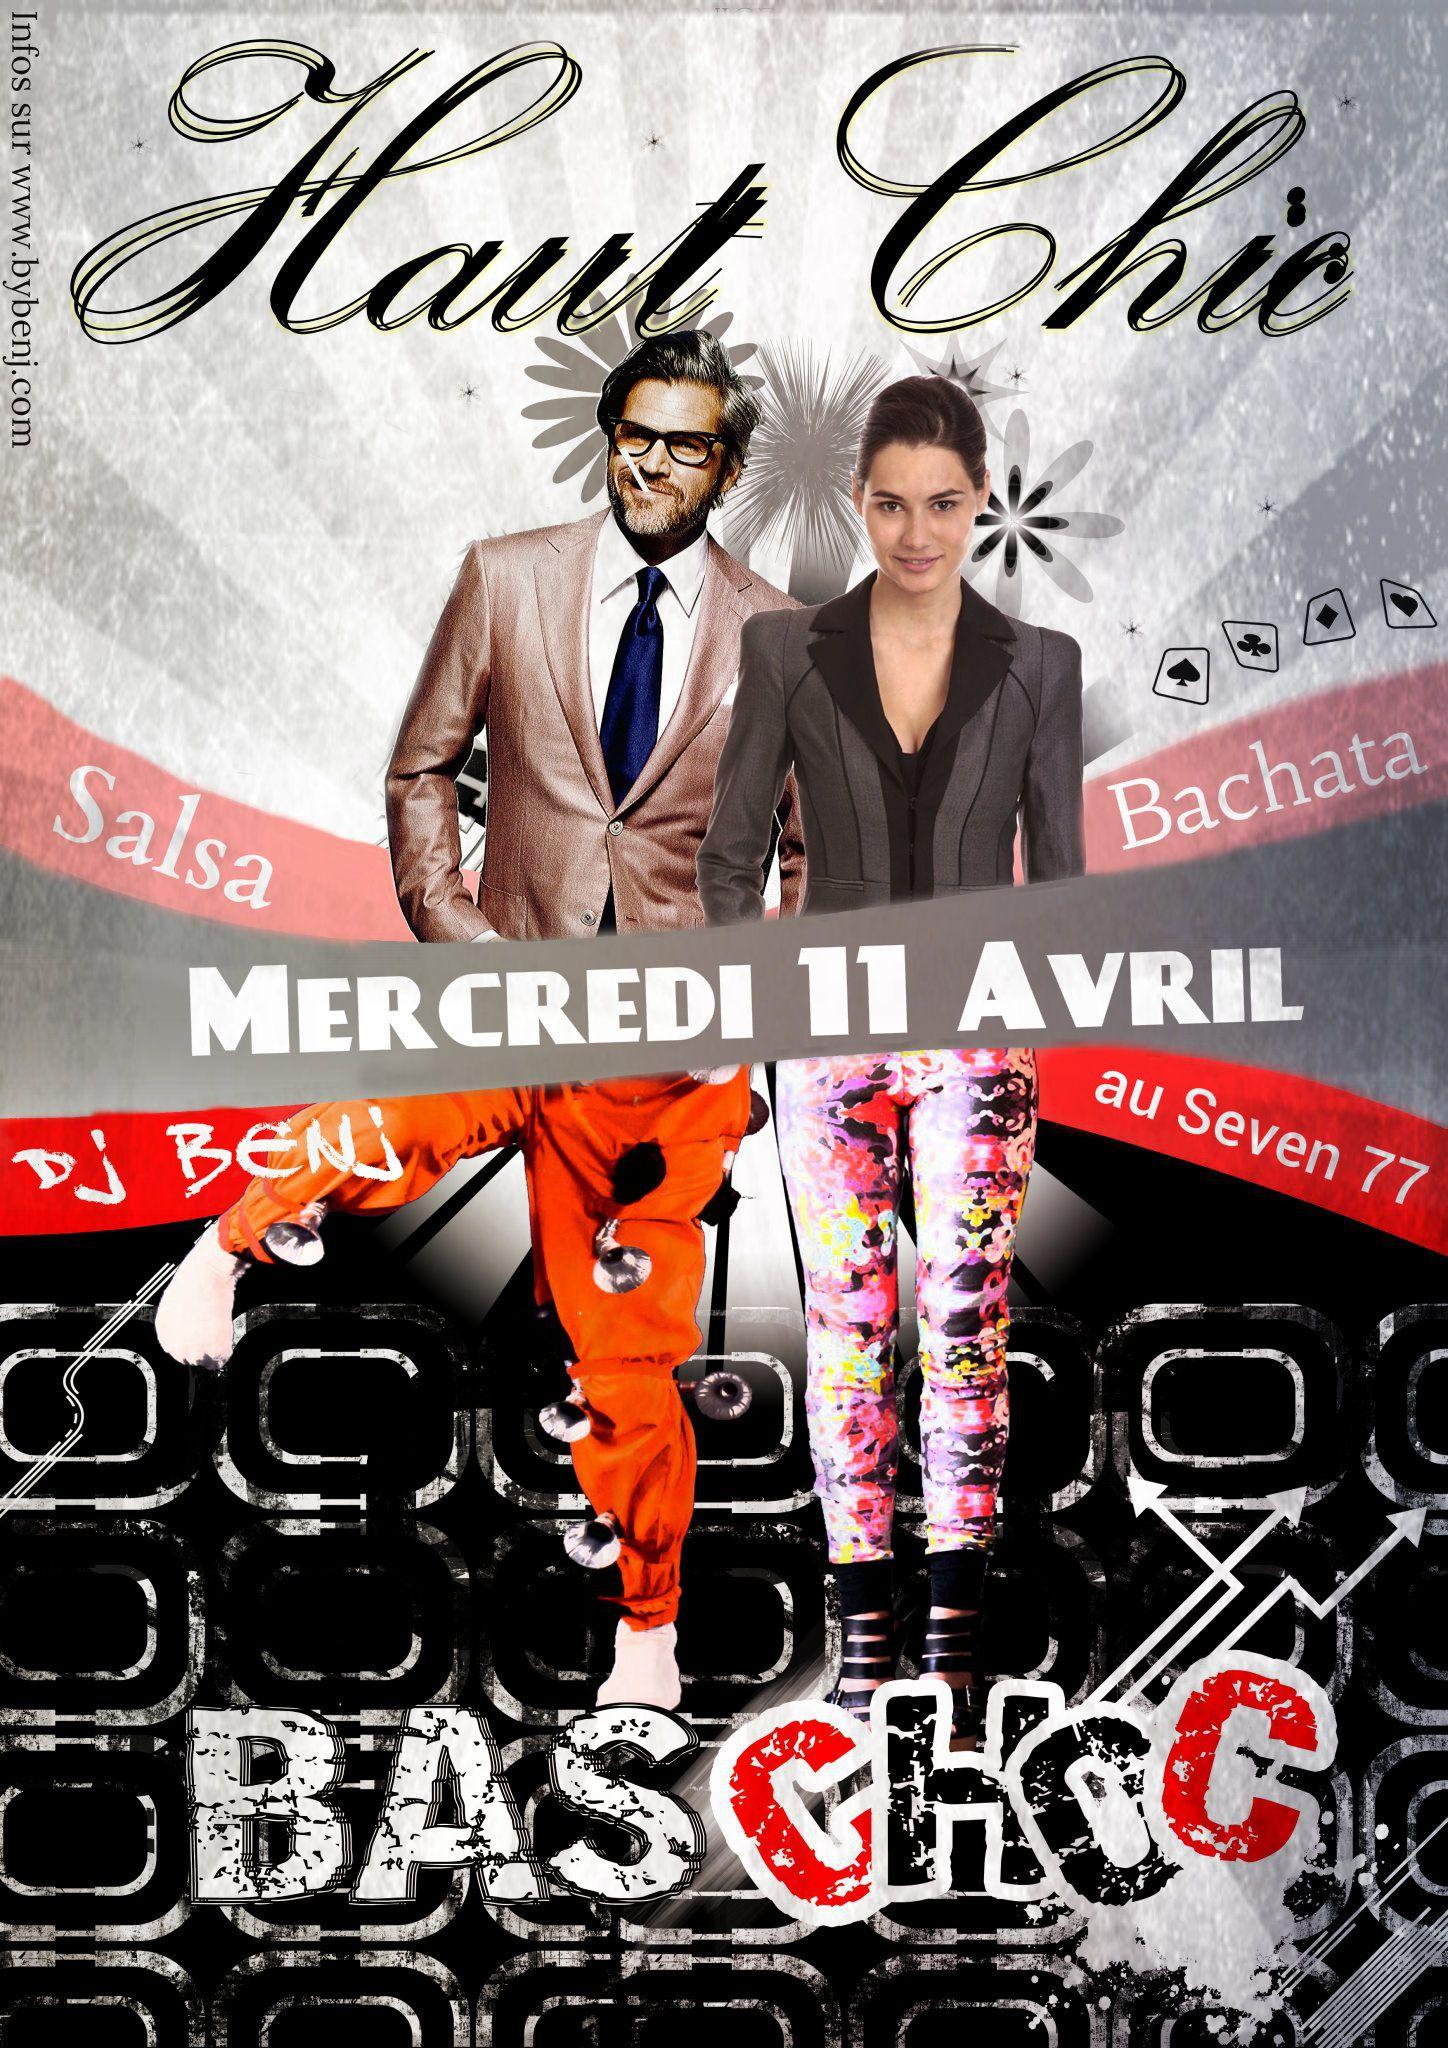 Haut Chic Bas Choc By Benj Soirée Chic Et Choc Chic